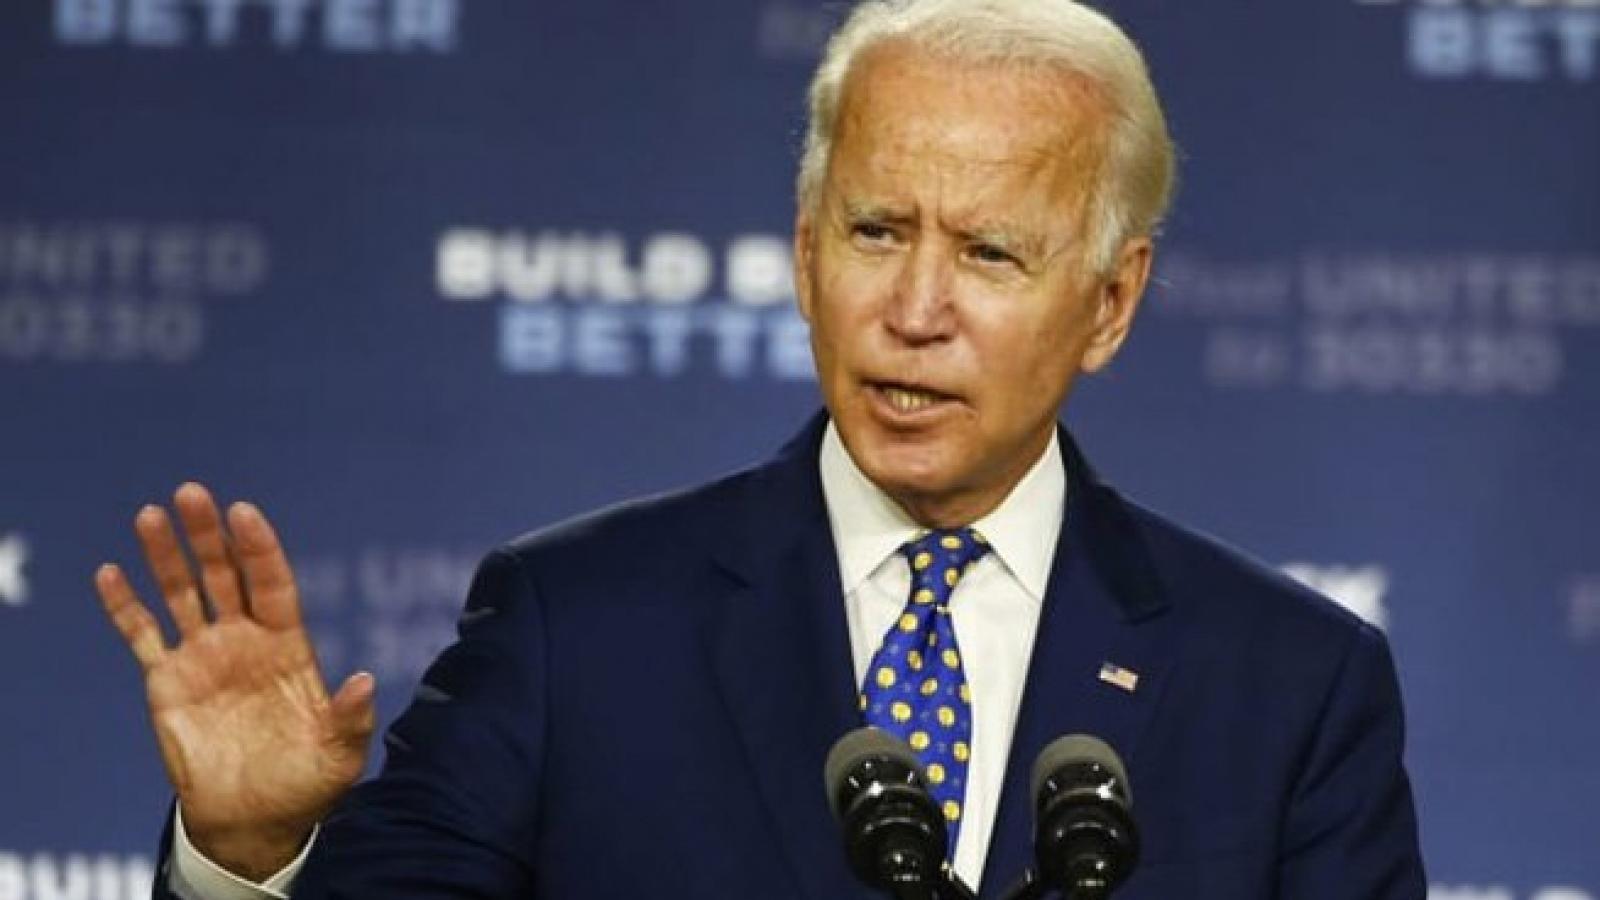 Ông Biden liên tục dẫn trước, đảng Dân chủ vẫn lo sợ kịch bản năm 2016 lặp lại